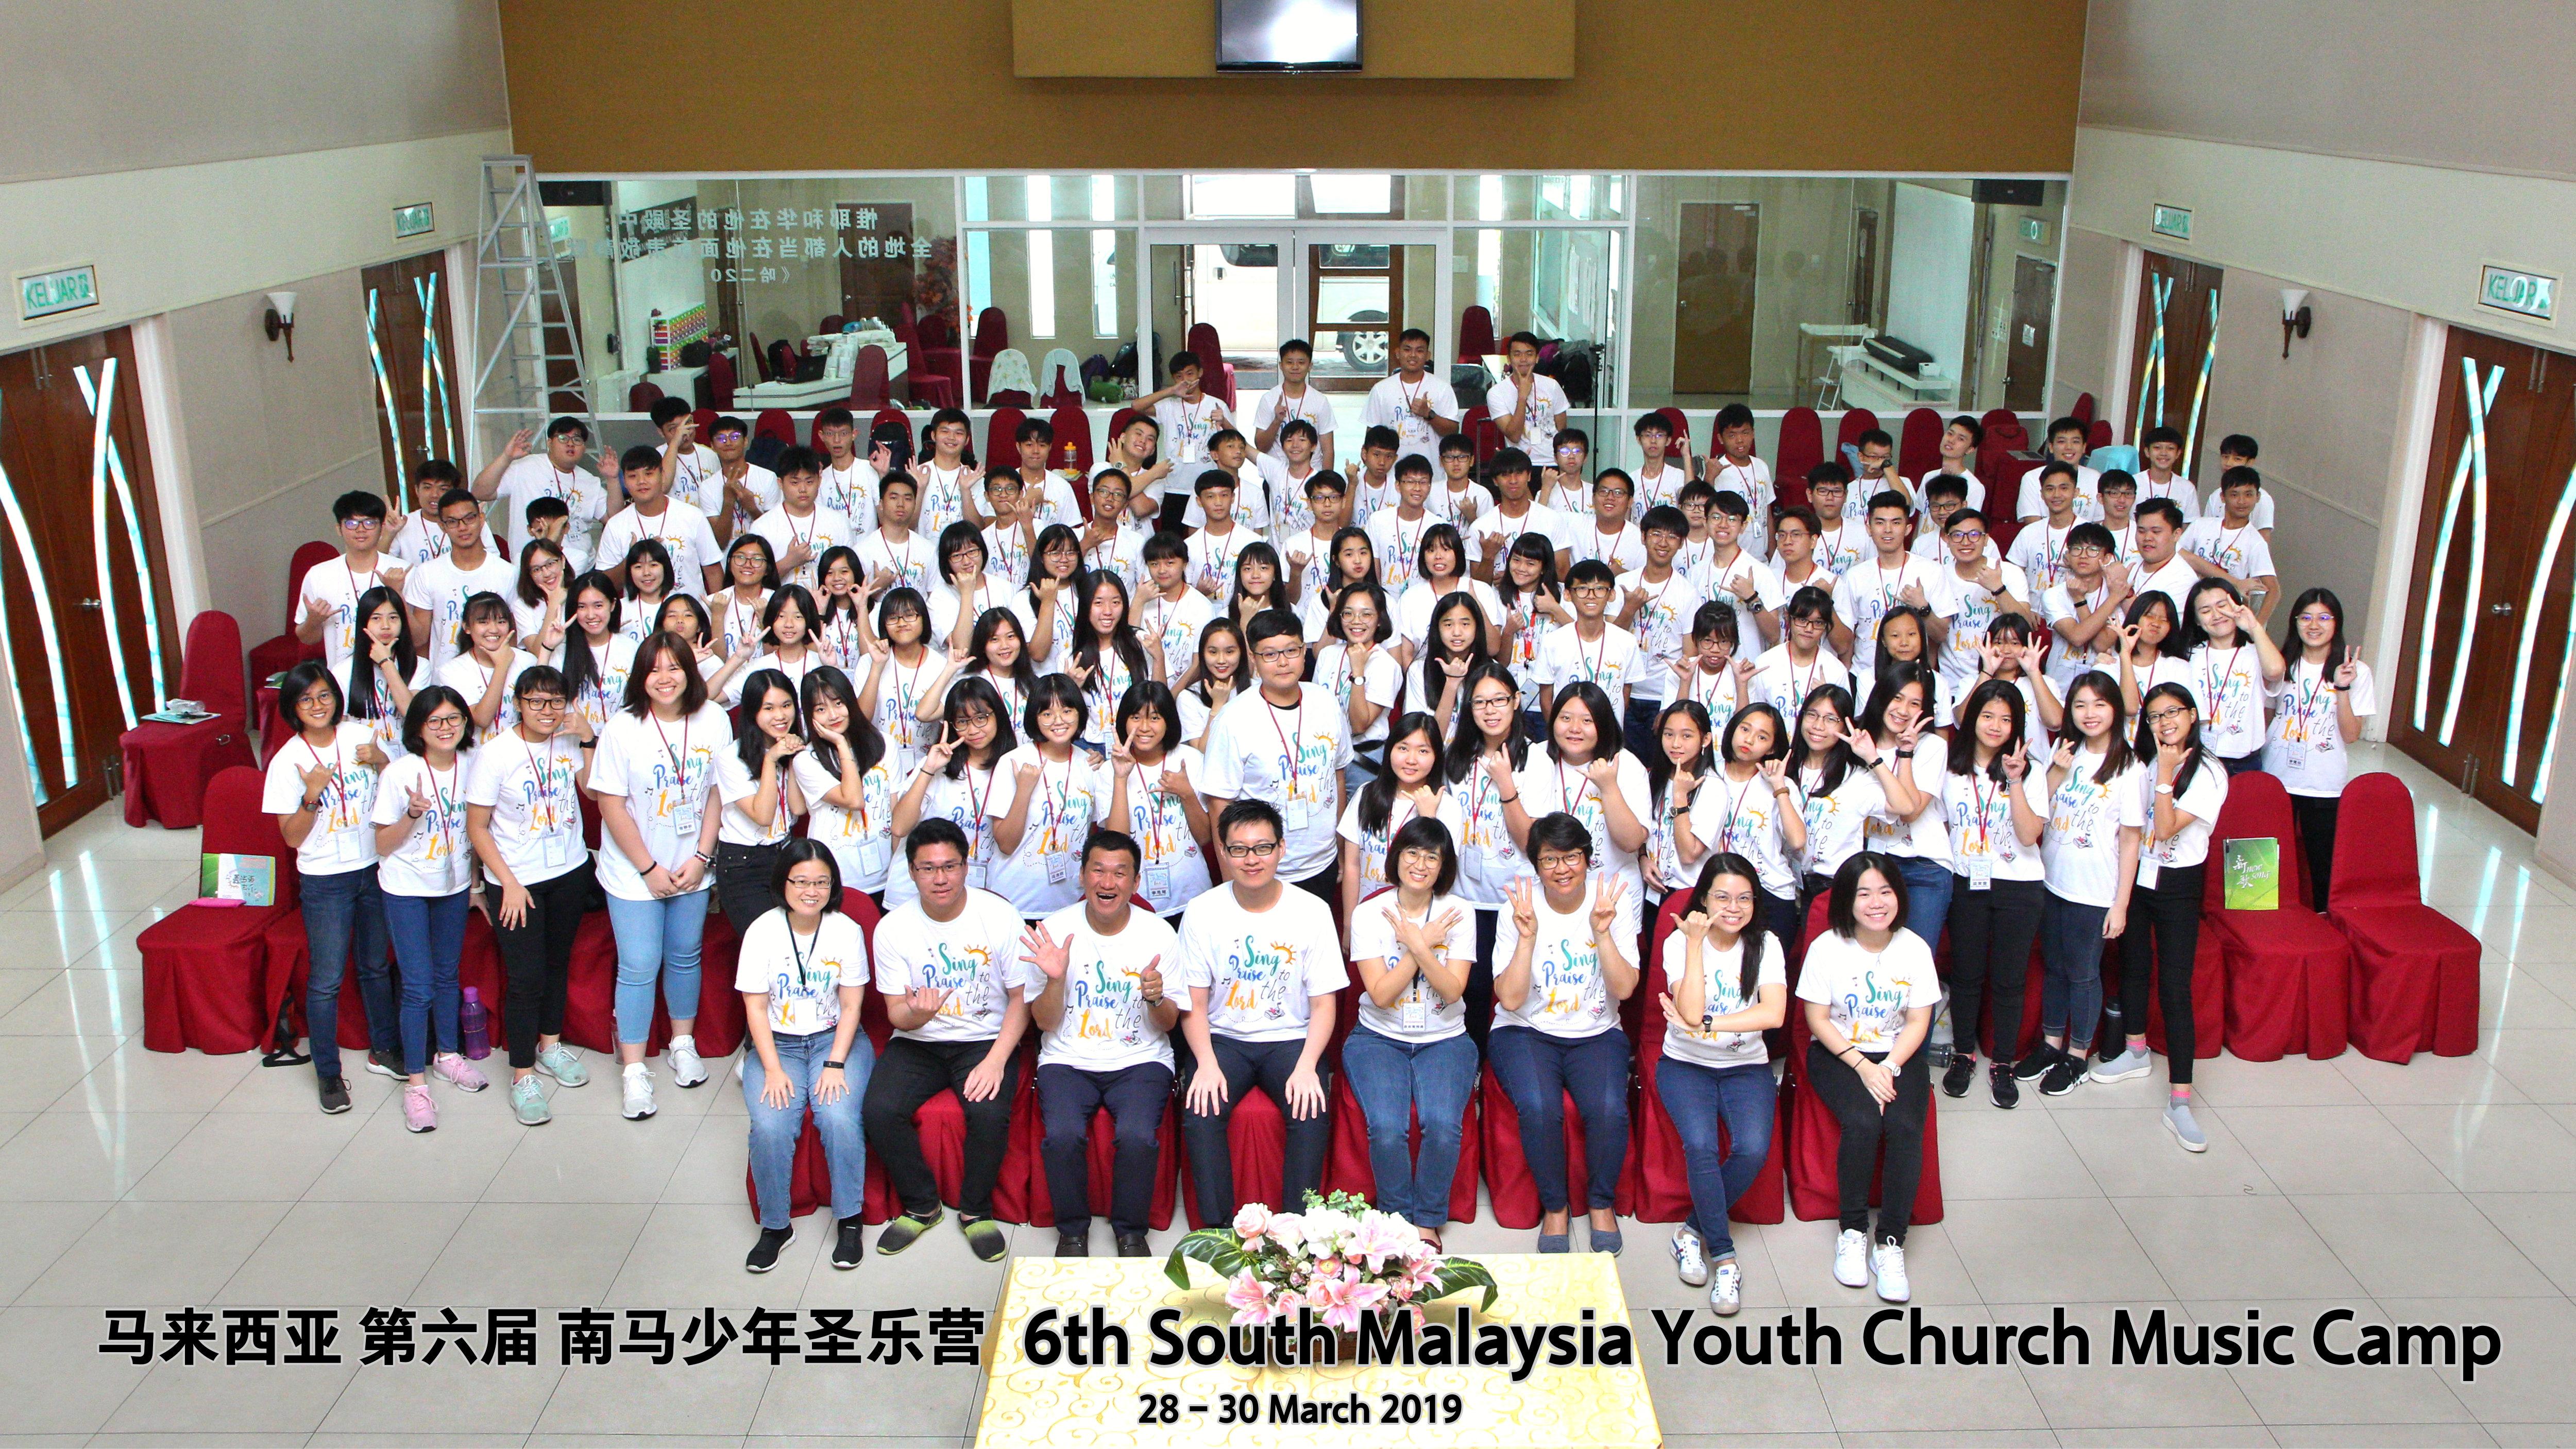 马来西亚 第六届 南马少年圣乐营 6th South Malaysia Youth Church Music Camp A01-001.jpg